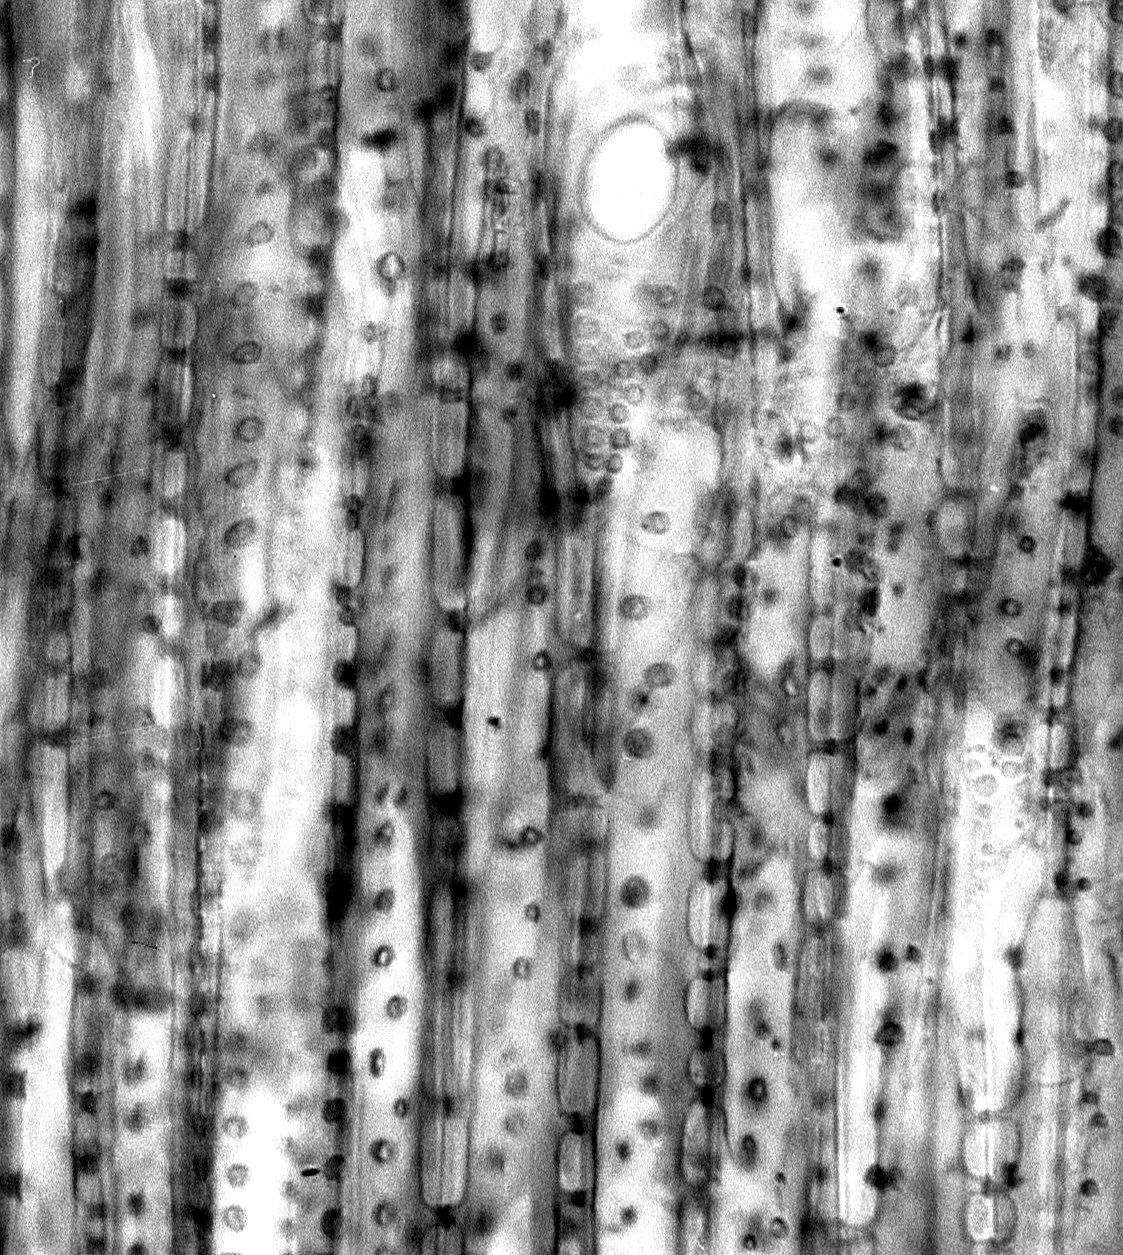 PLANTAGINACEAE Campylanthus salsoloides